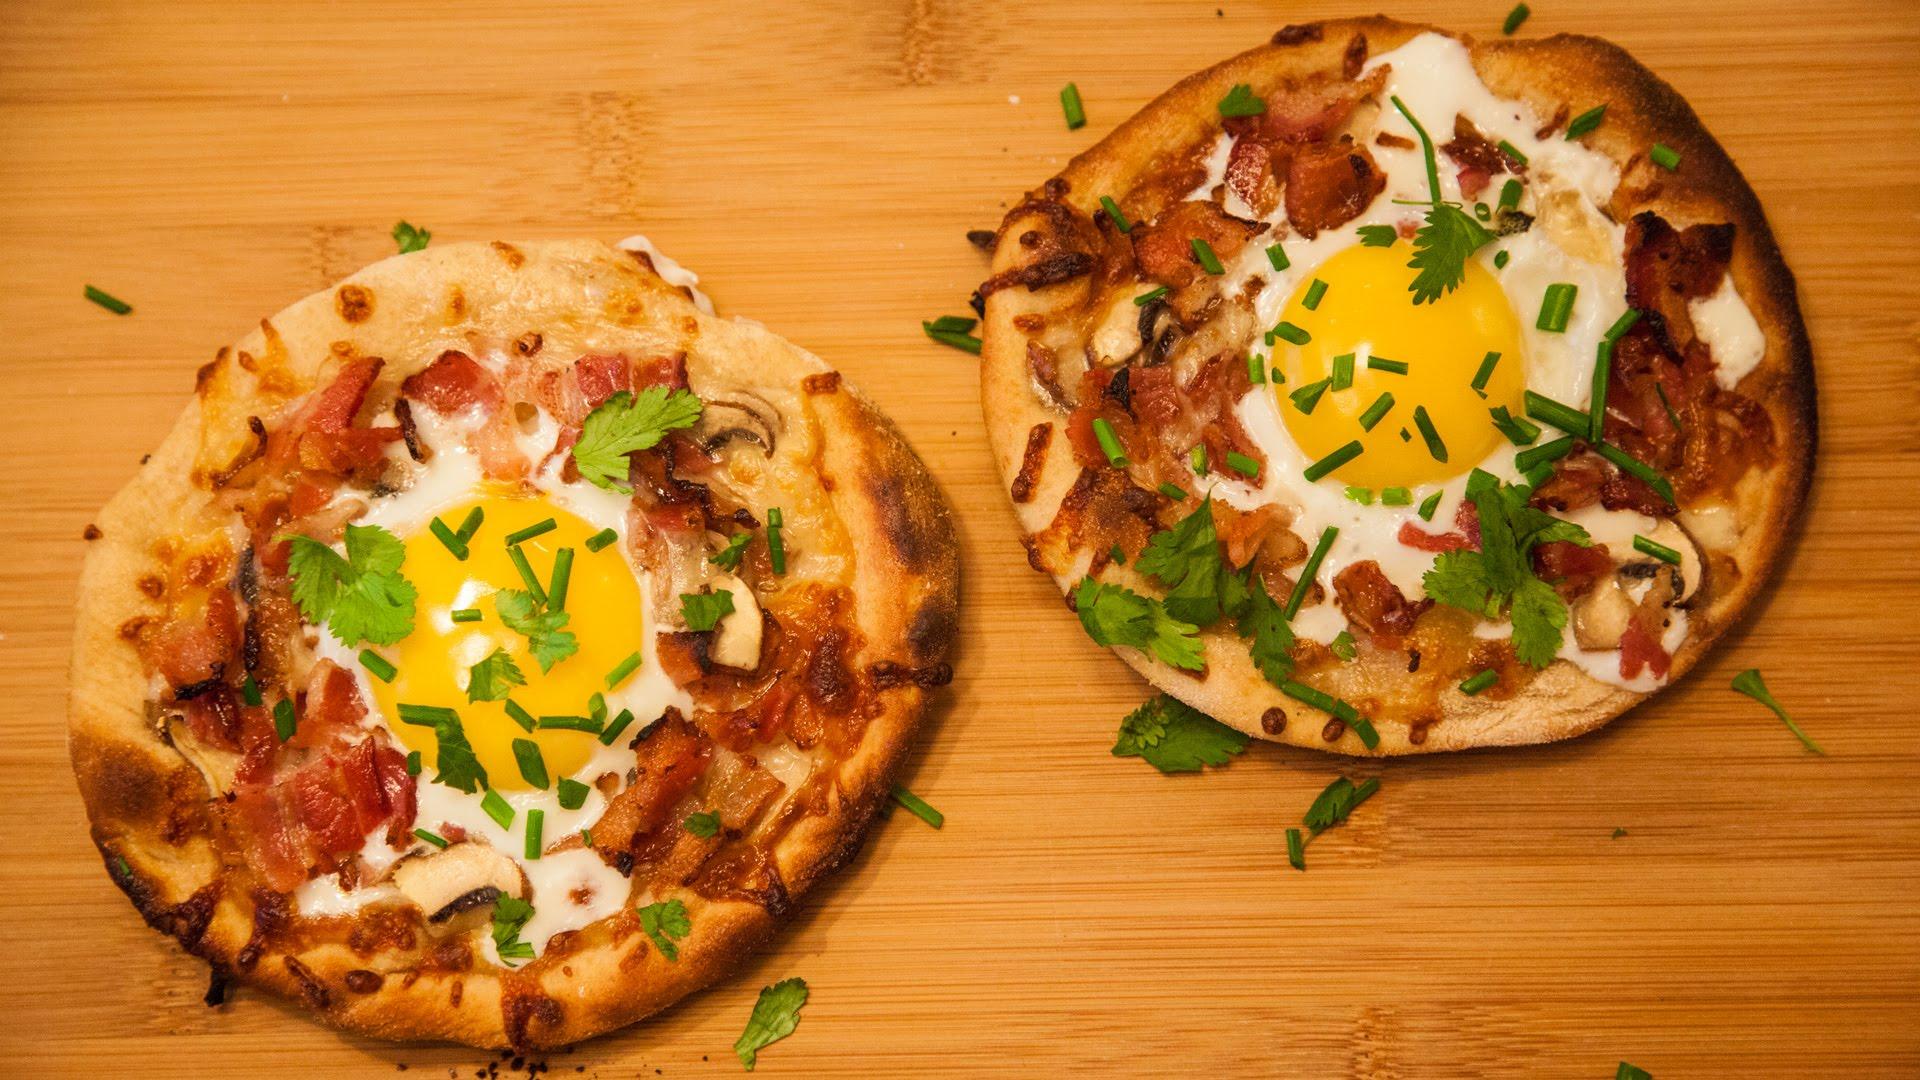 حضري البيتزا بالبيض والجبنة بأقل من دقيقة